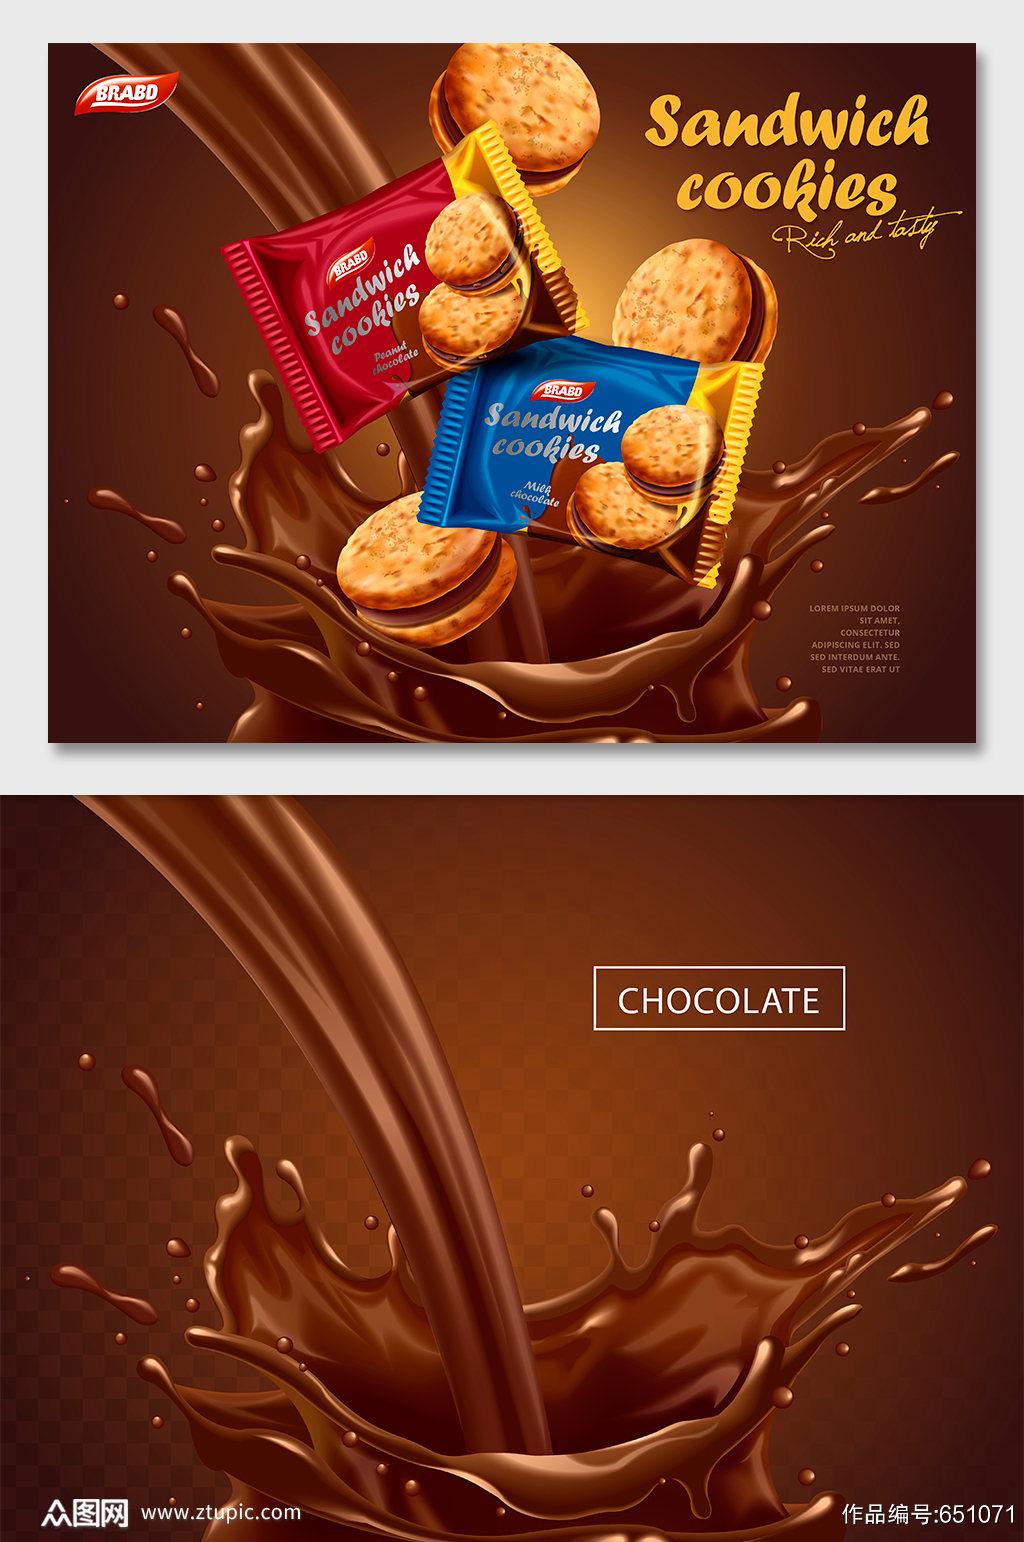 巧克力威化饼干海报素材